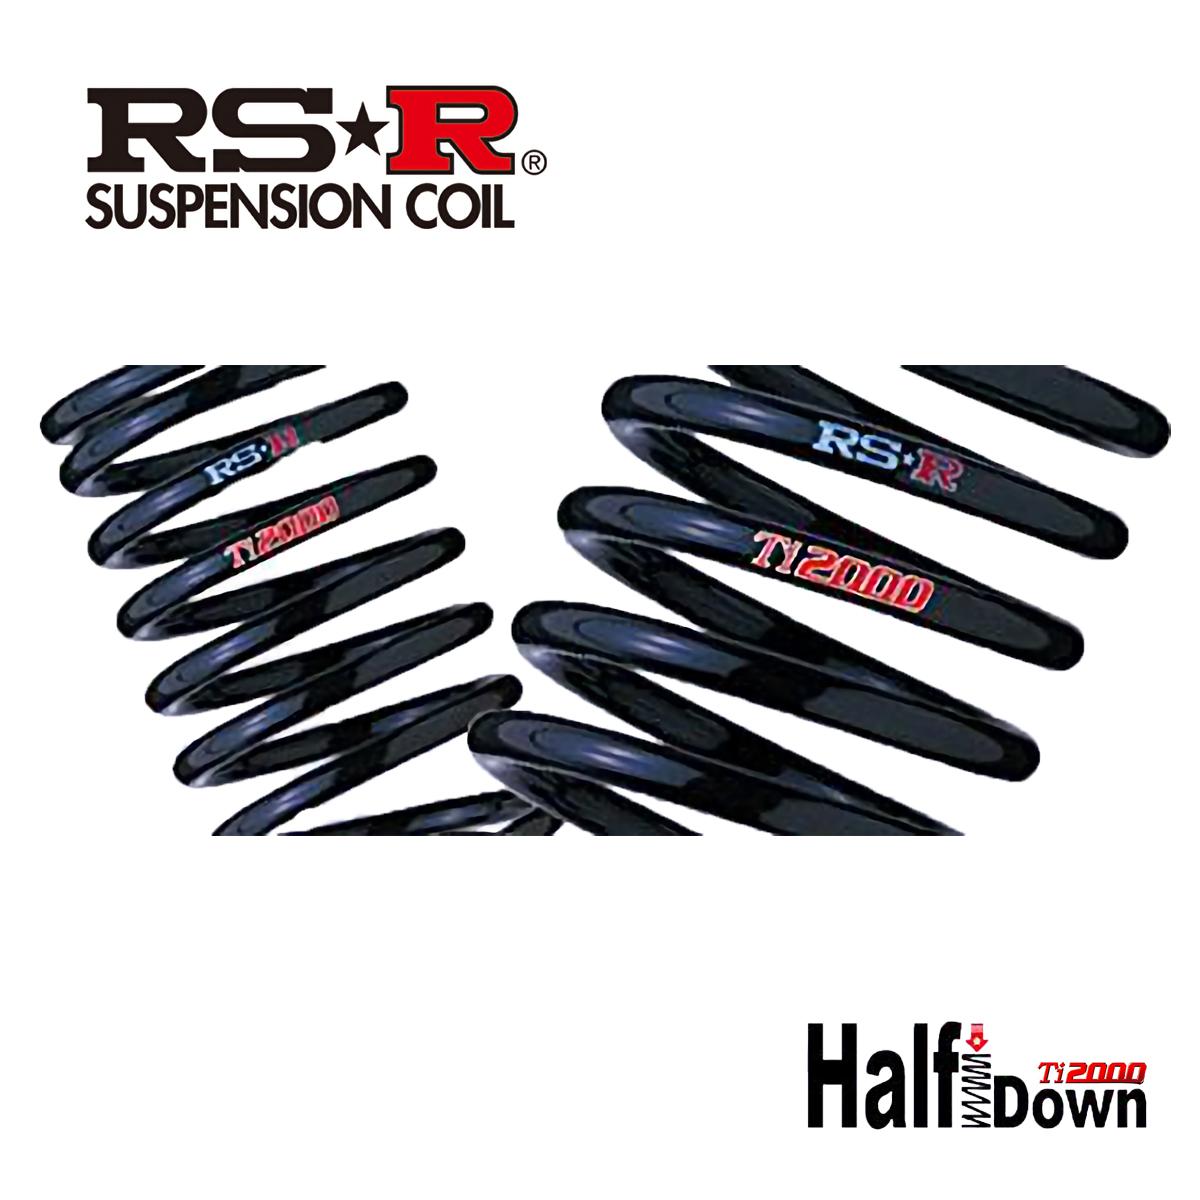 RS-R カローラツーリング ZWE211W ハイブリッド S ダウンサス スプリング リア T814THDR Ti2000 ハーフダウン RSR 個人宅発送追金有